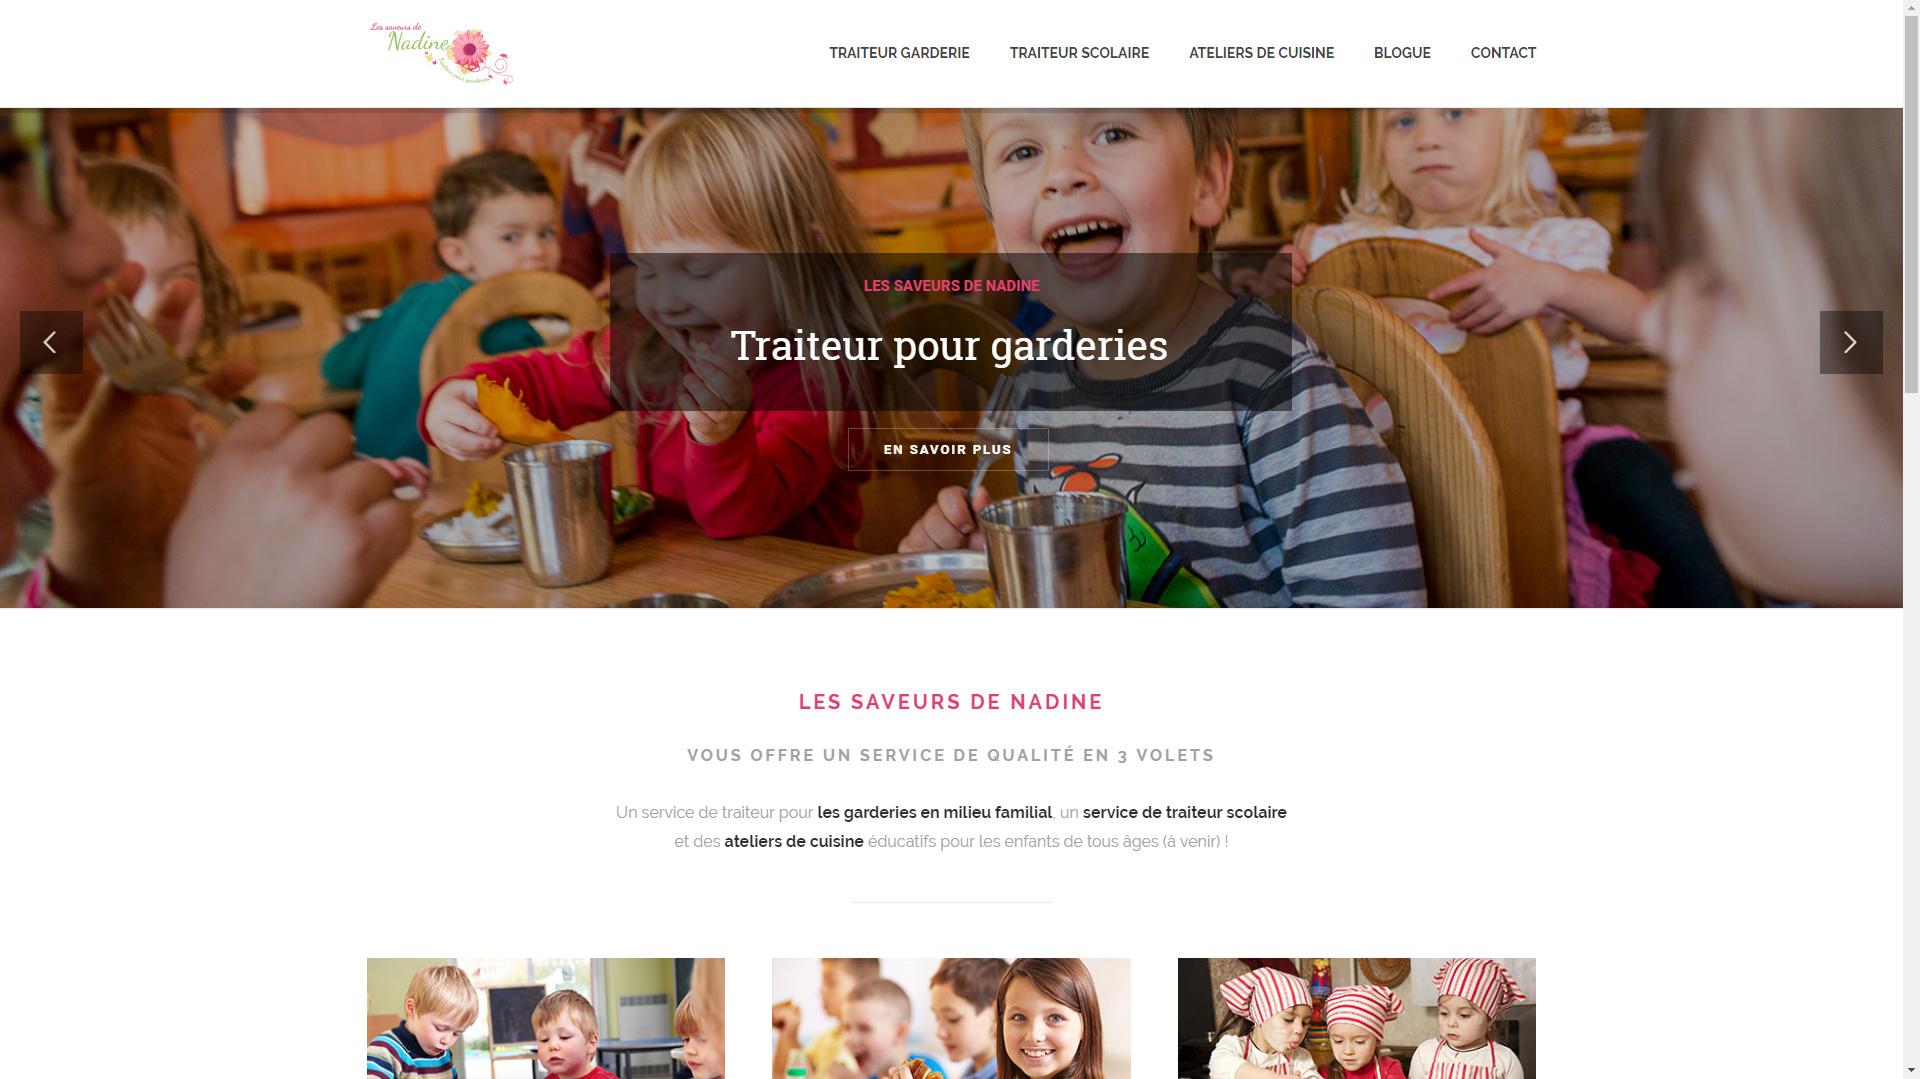 Les Saveurs de Nadine : refonte et nouveau système de réservation